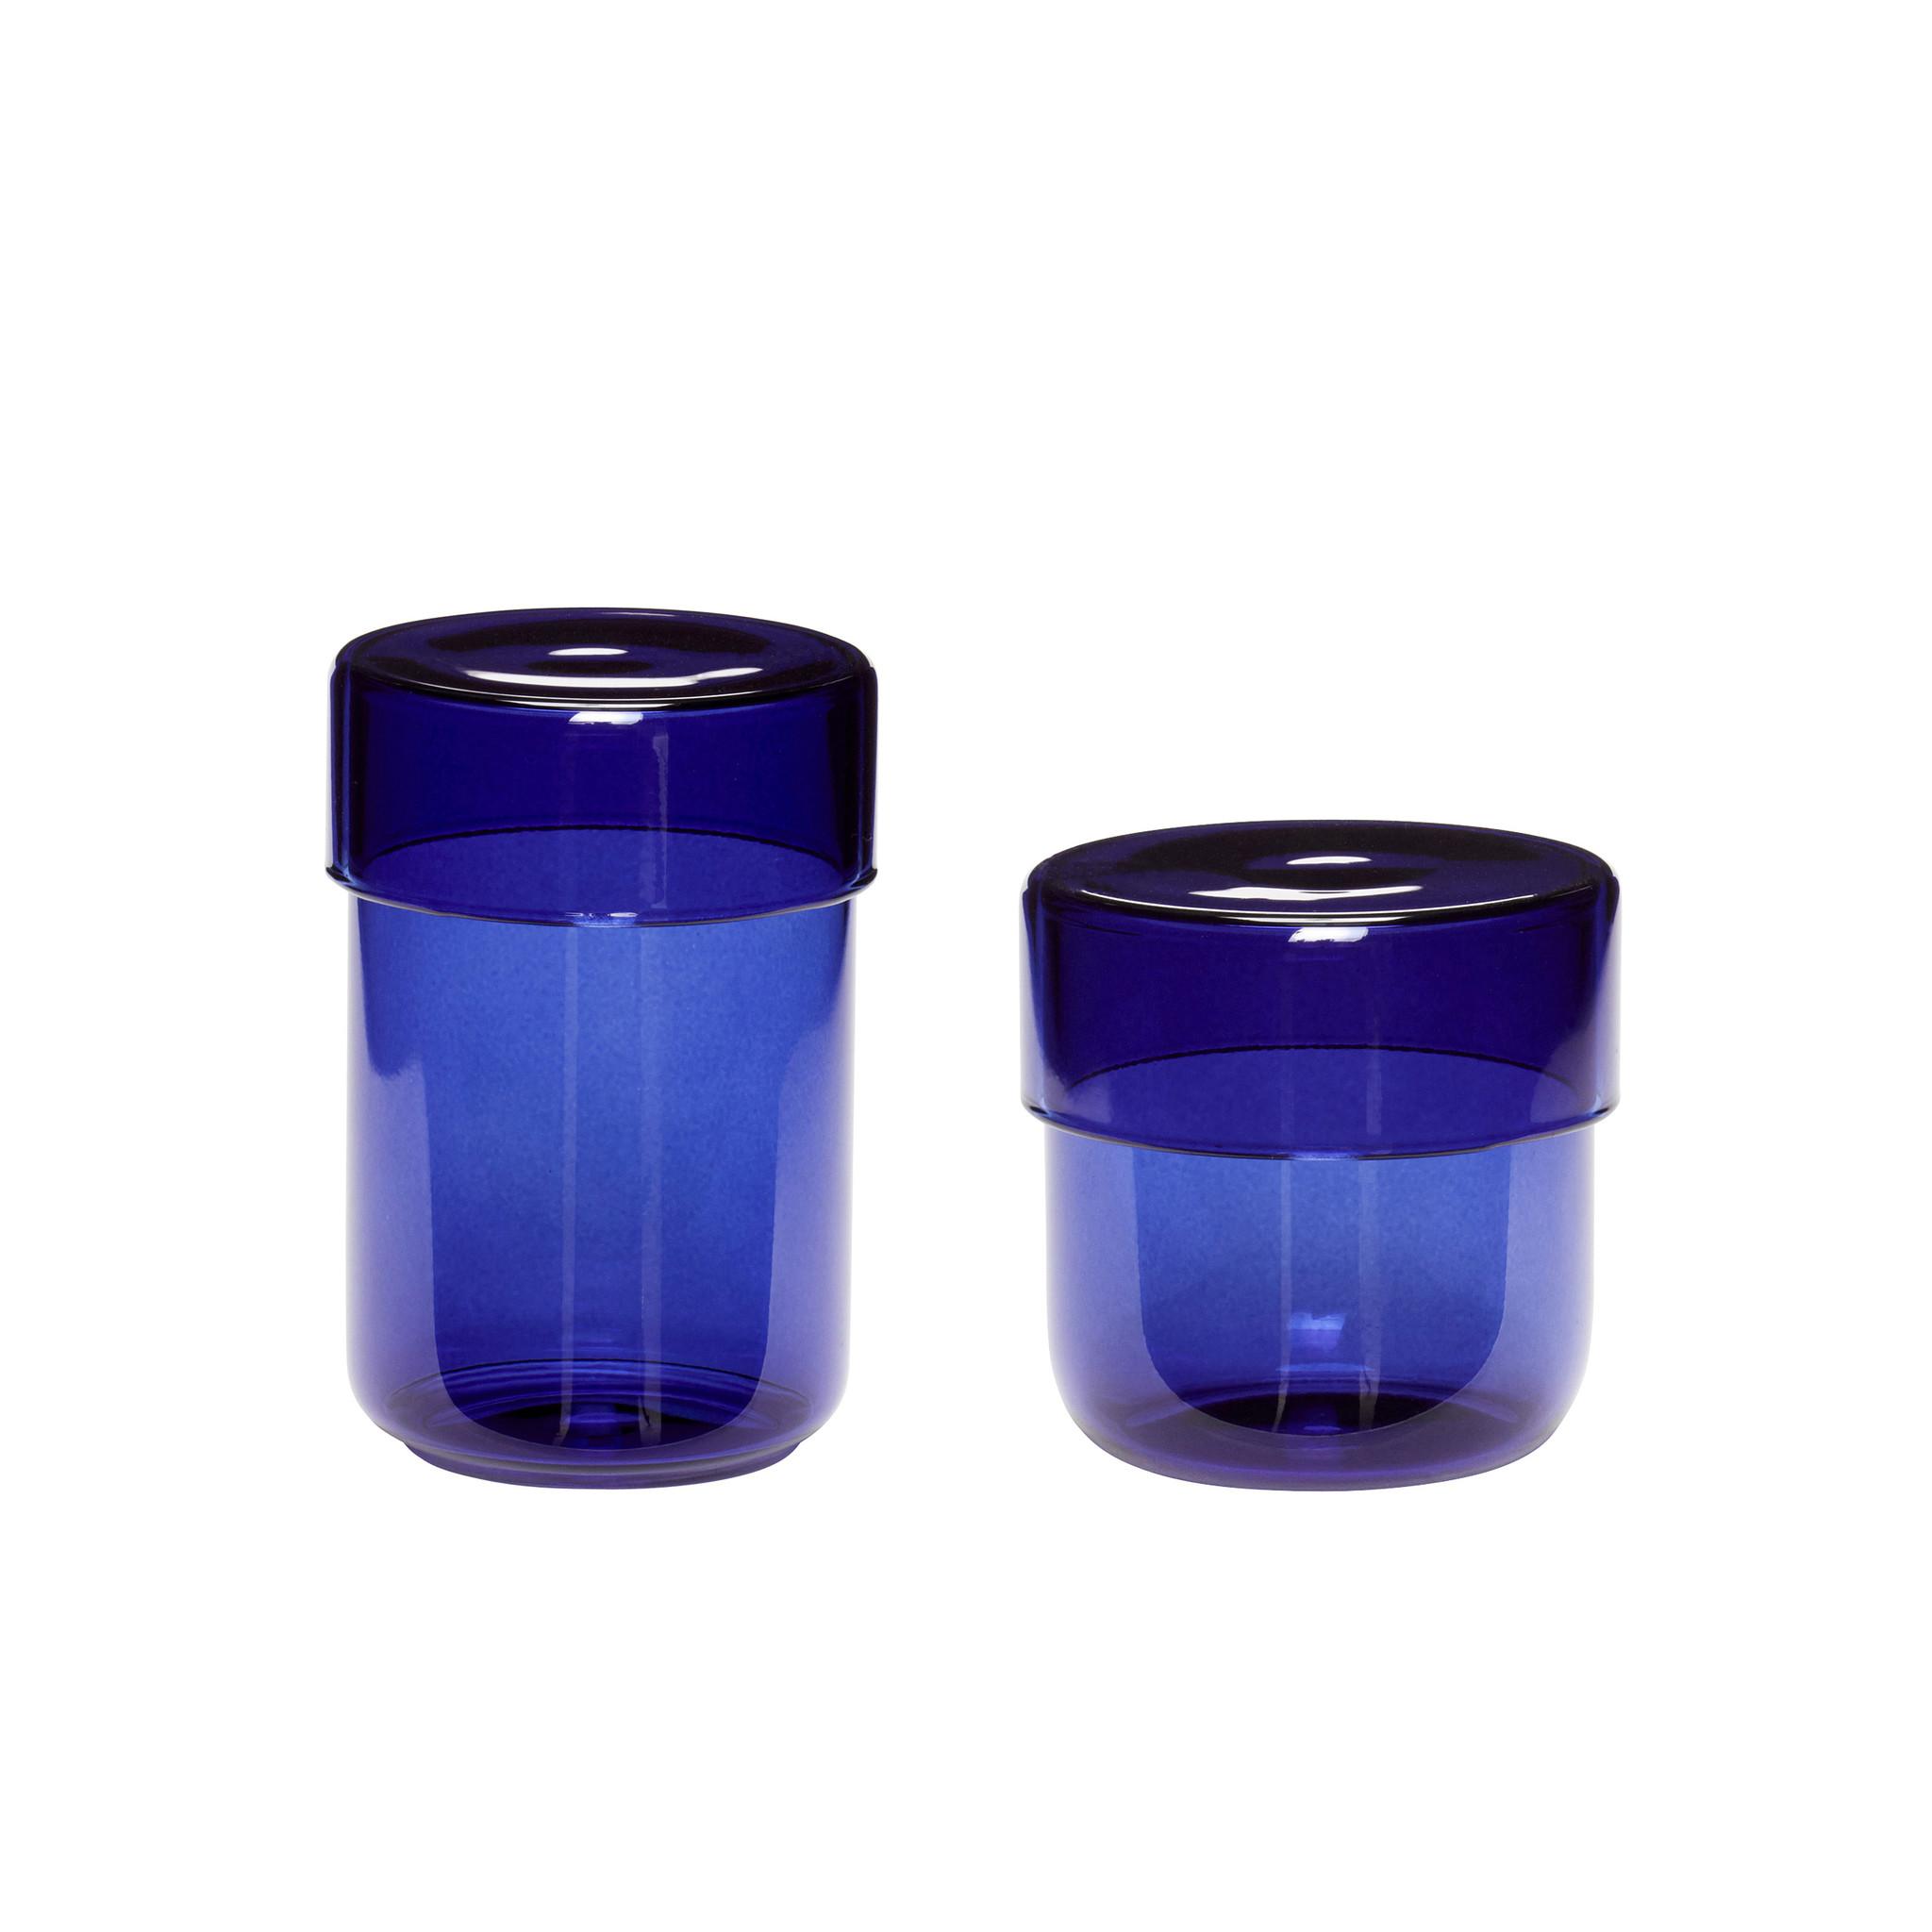 Hubsch Voorraadpot met deksel, glas, blauw, set van 2